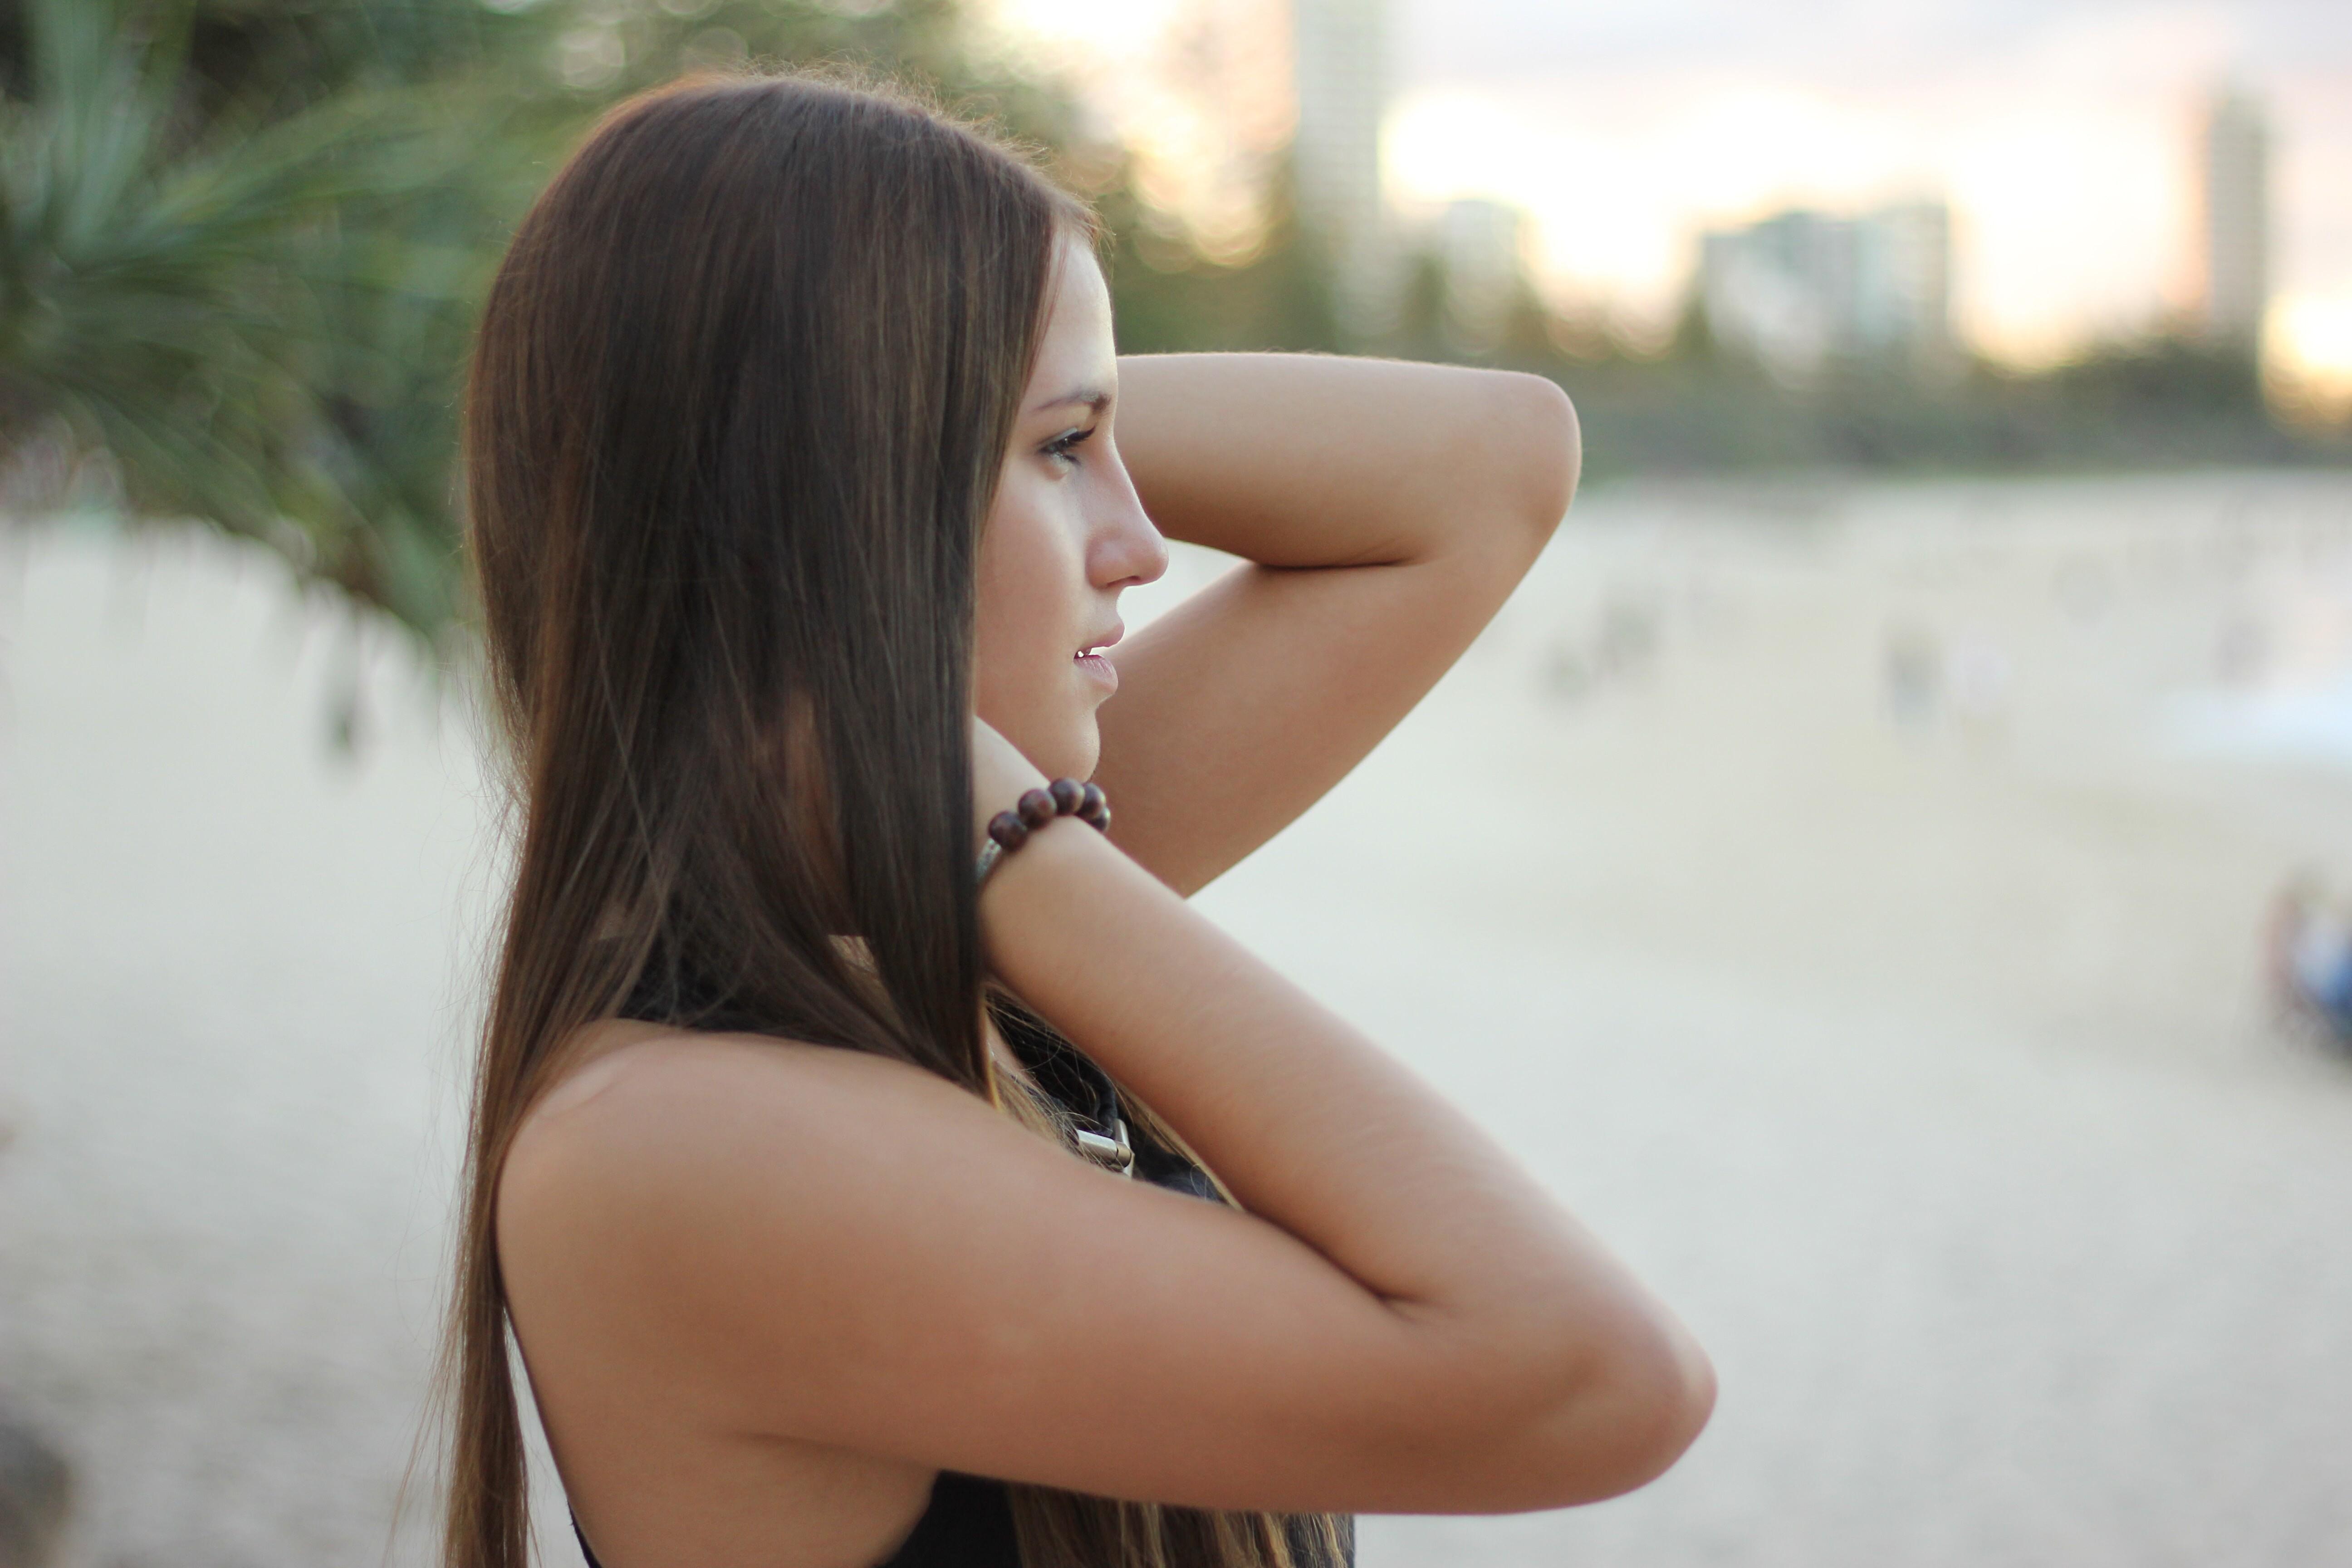 5 женских имен, обладательницы которых никогда не будут счастливы в личной жизни